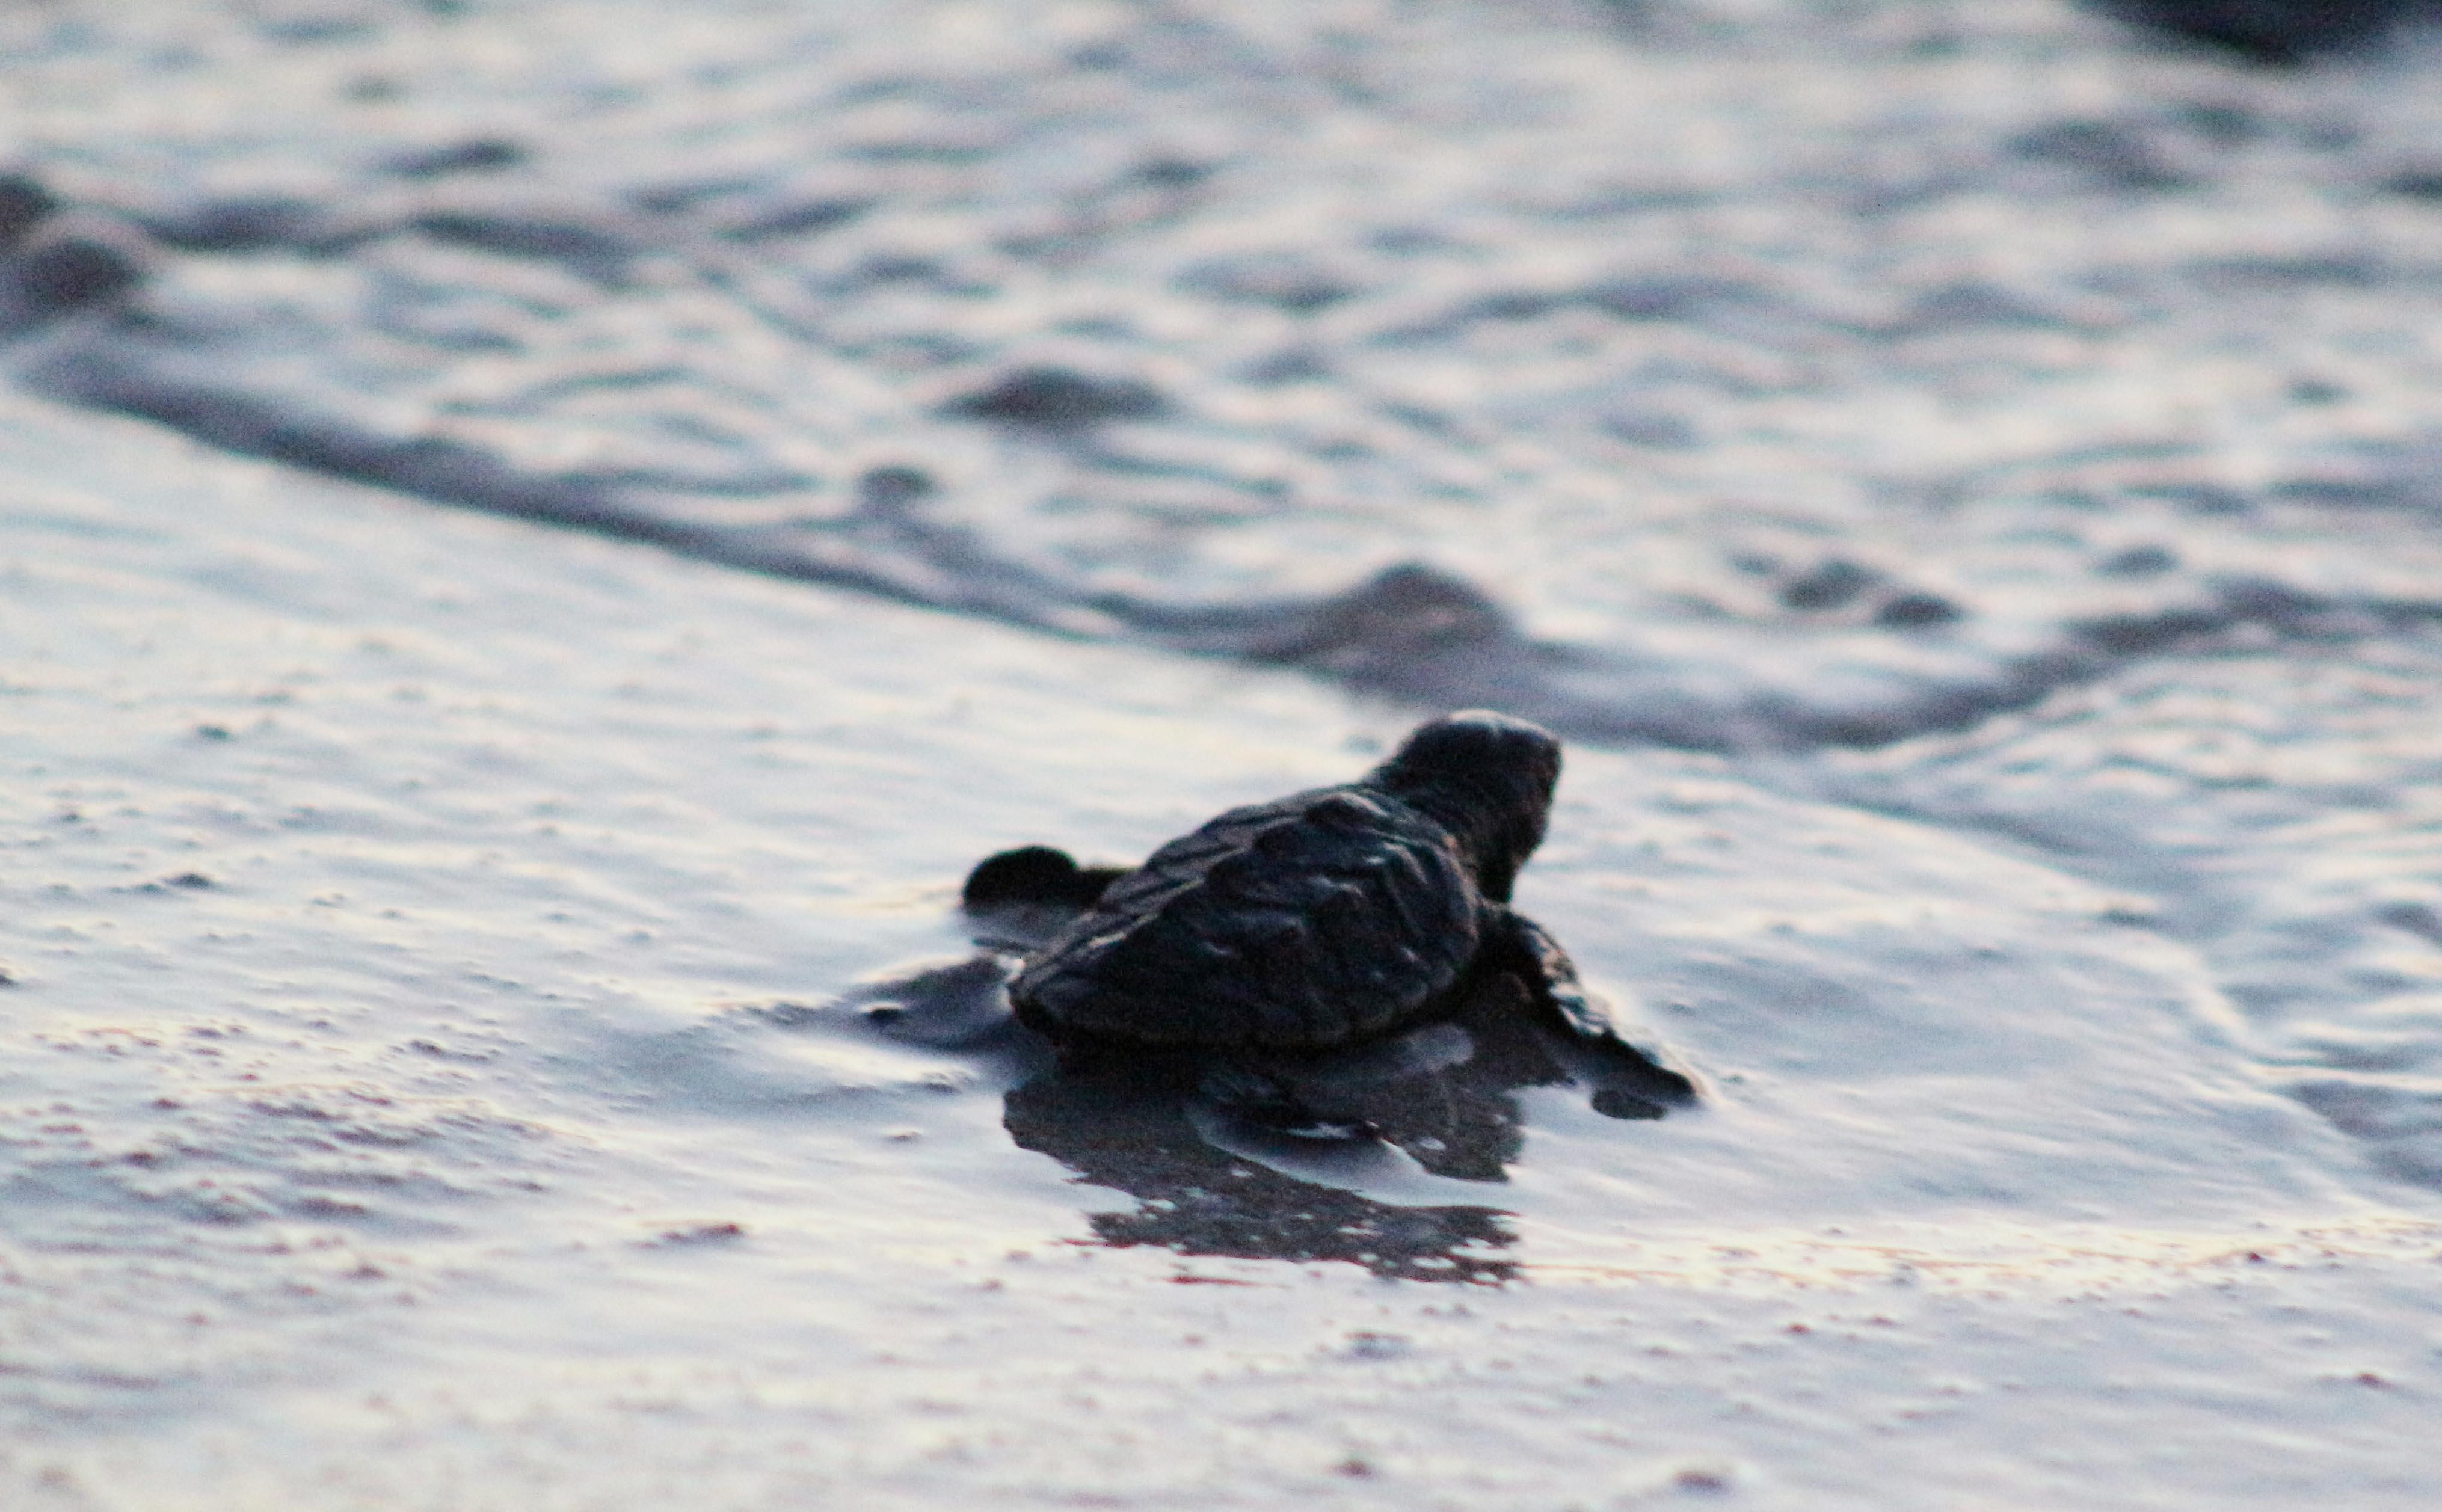 Liberan tortugas marinas en Telchac Puerto